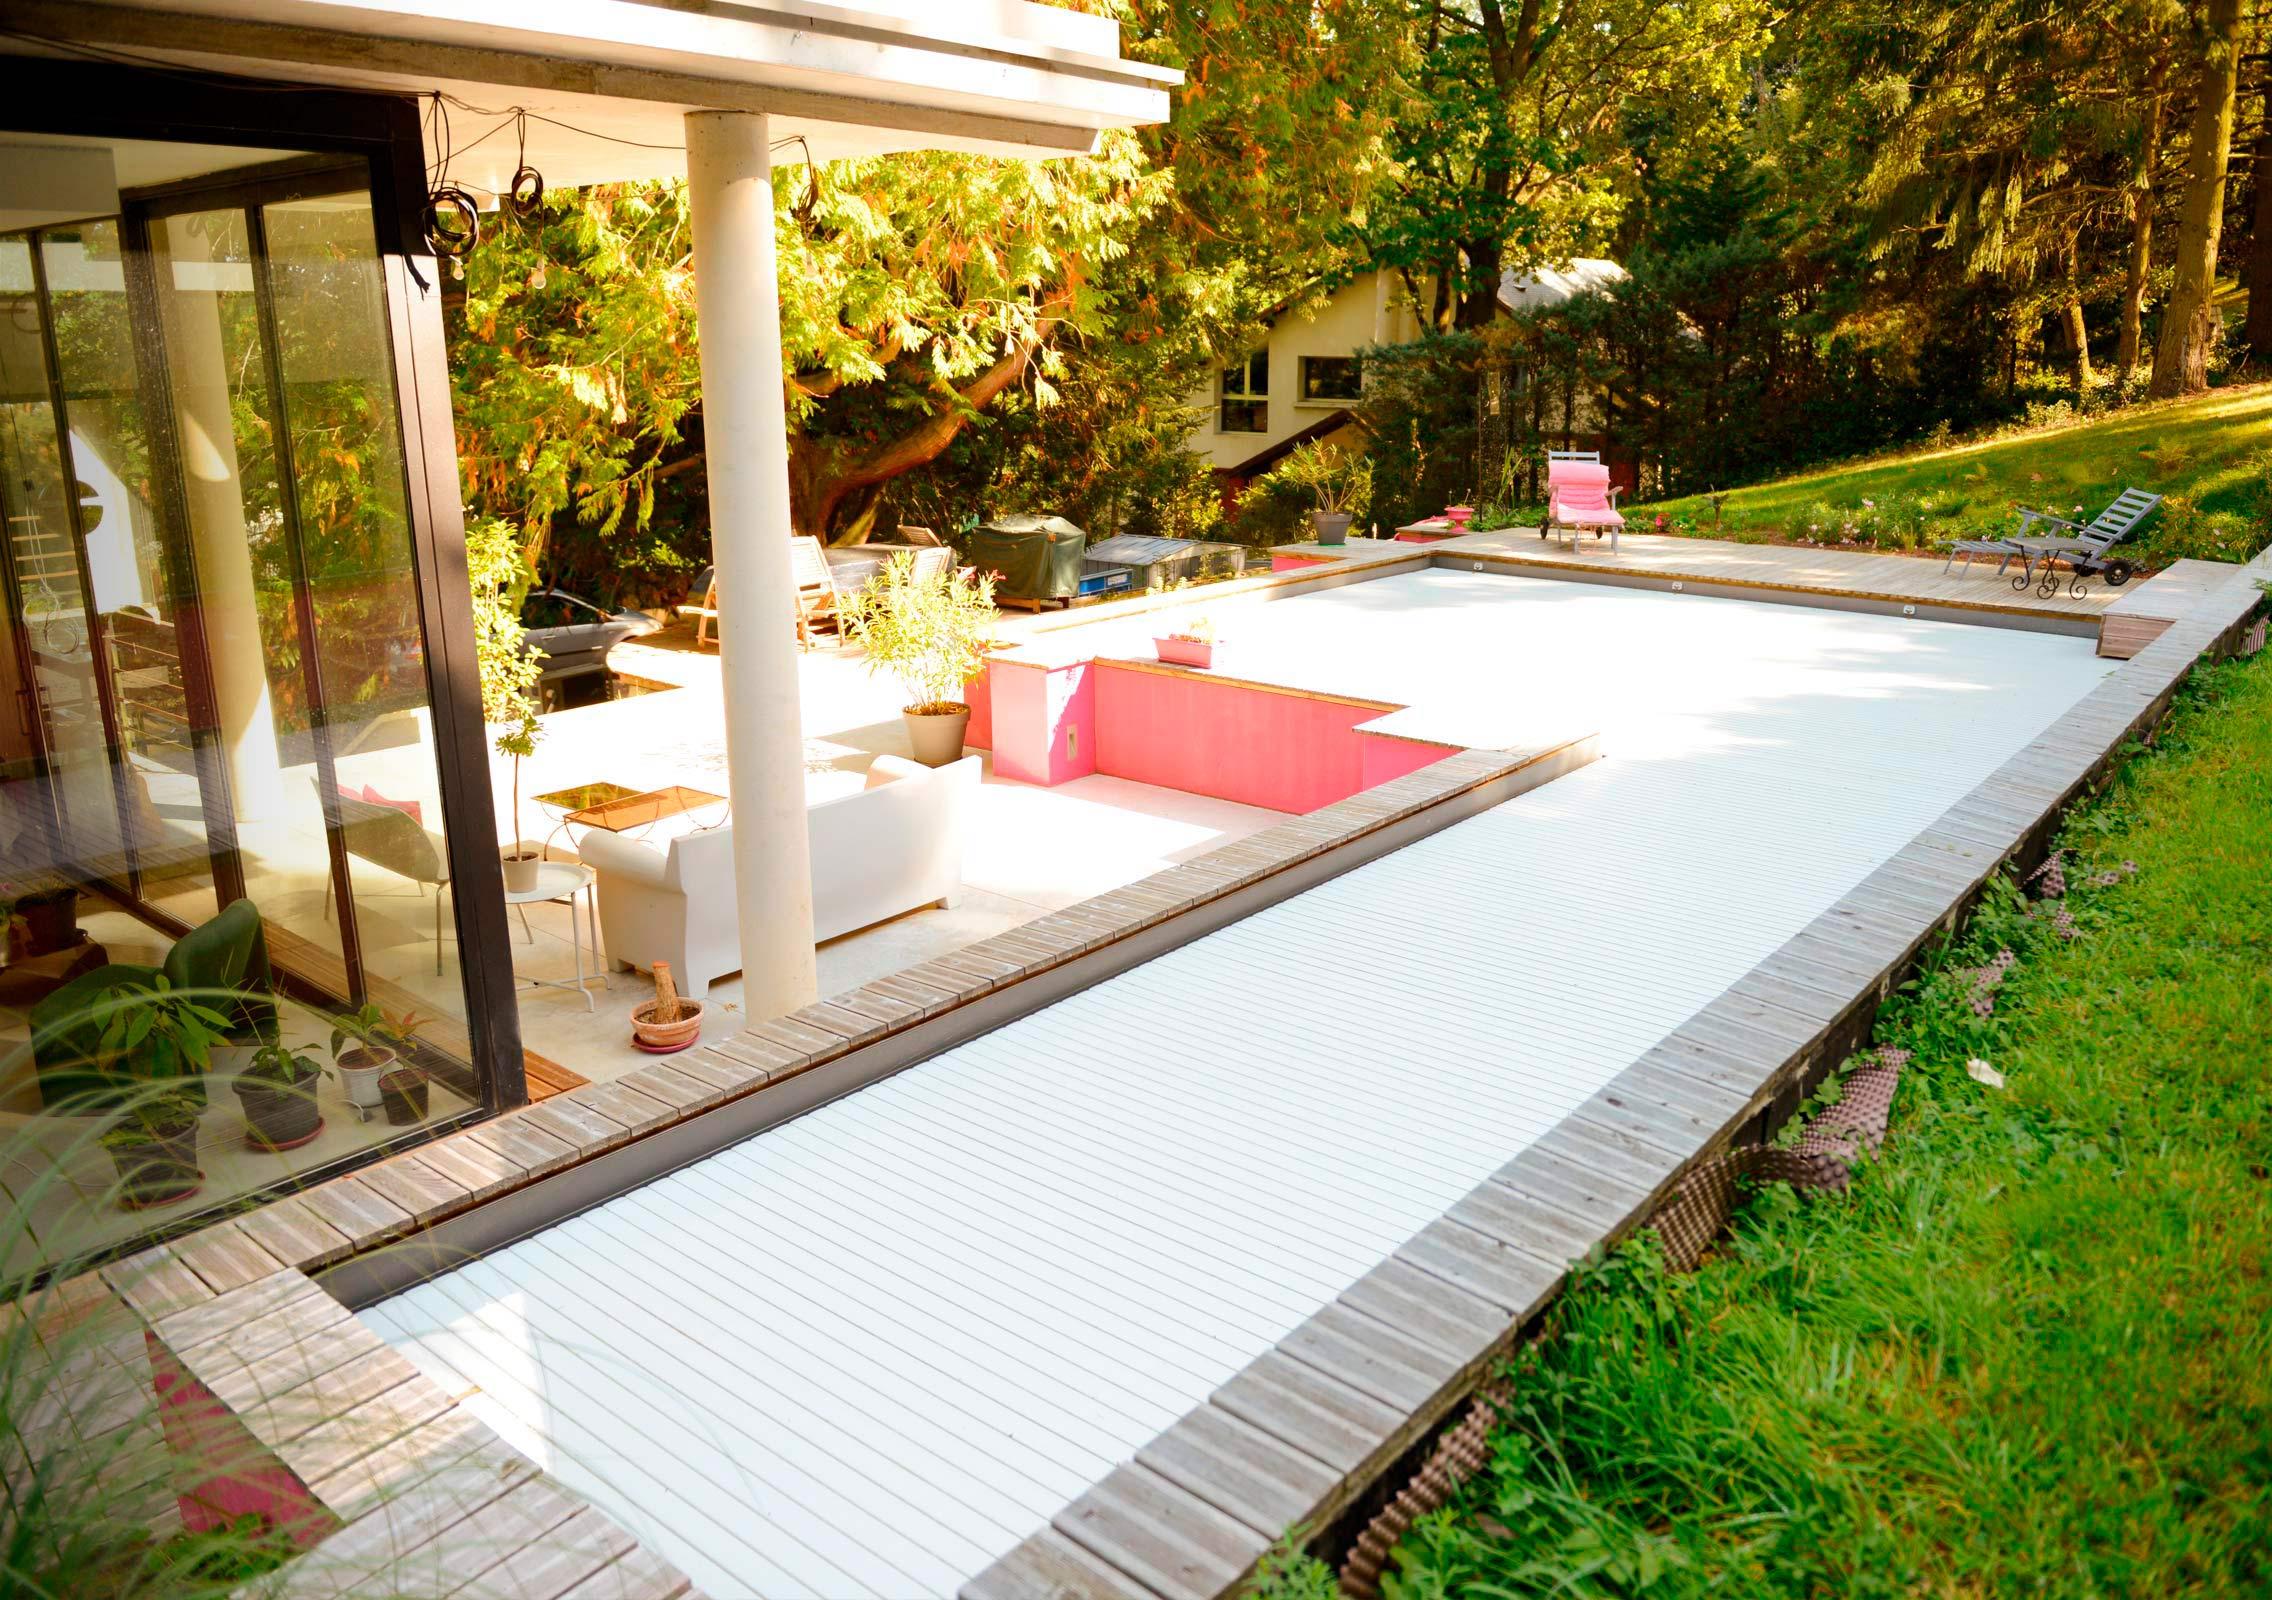 La empresa construcci n de piscinas en almer a y m laga - Empresas constructoras en malaga ...